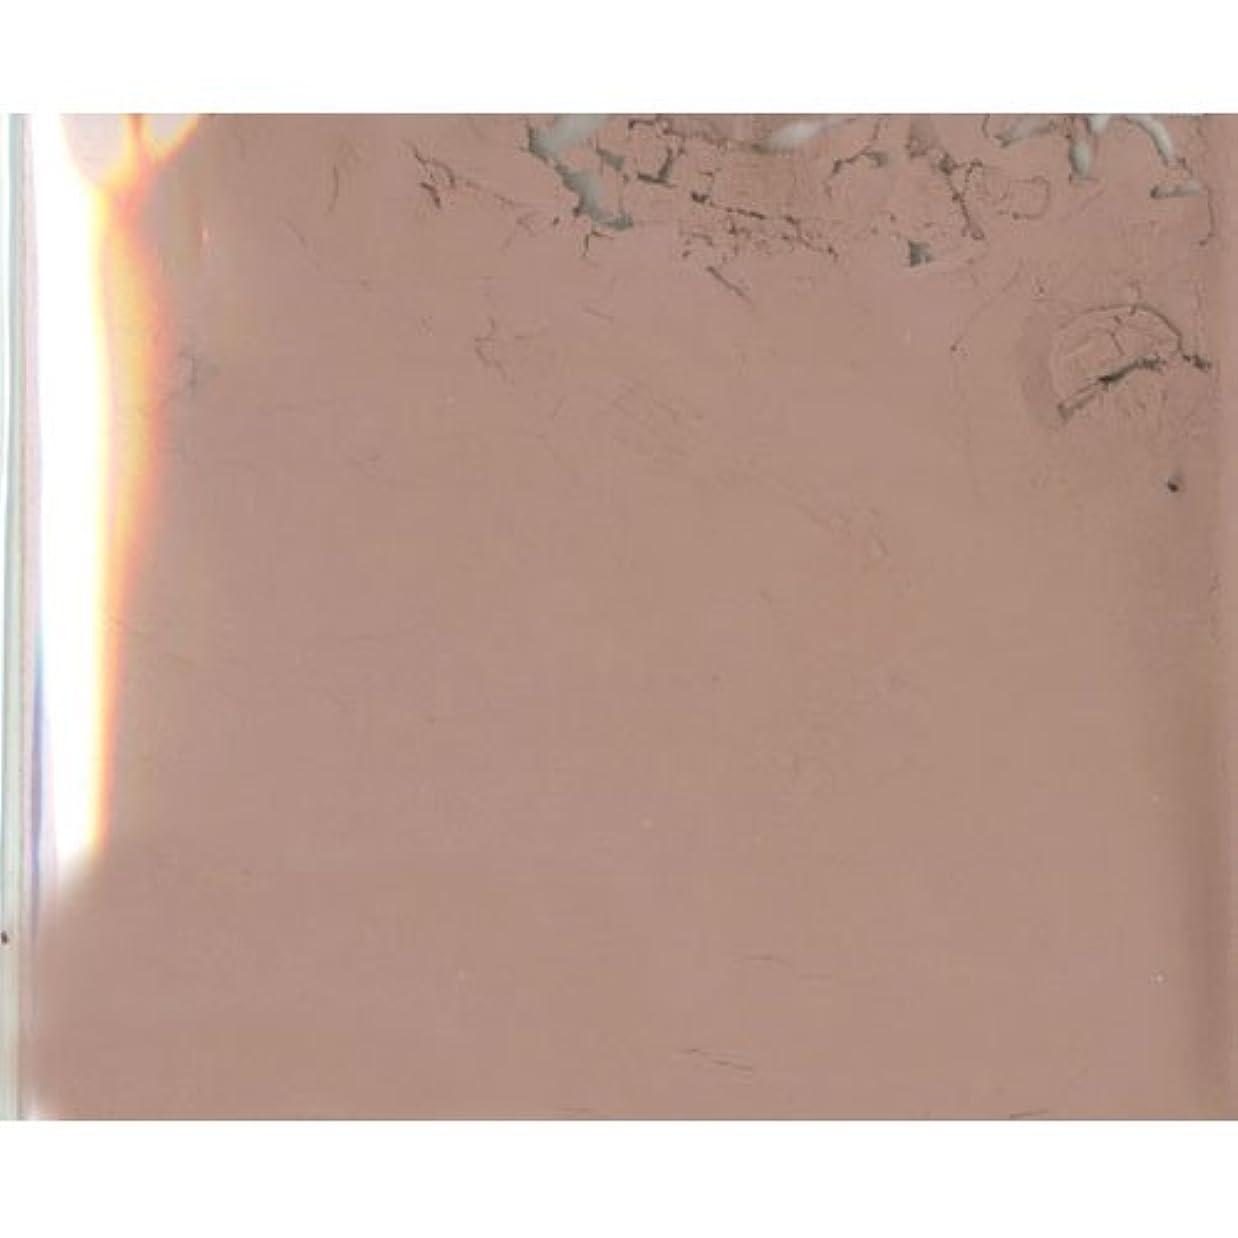 メタルラインお客様フォーラムピカエース ネイル用パウダー ピカエース カラーパウダー 透明顔料 #985 チョコレートブラウン 2g アート材